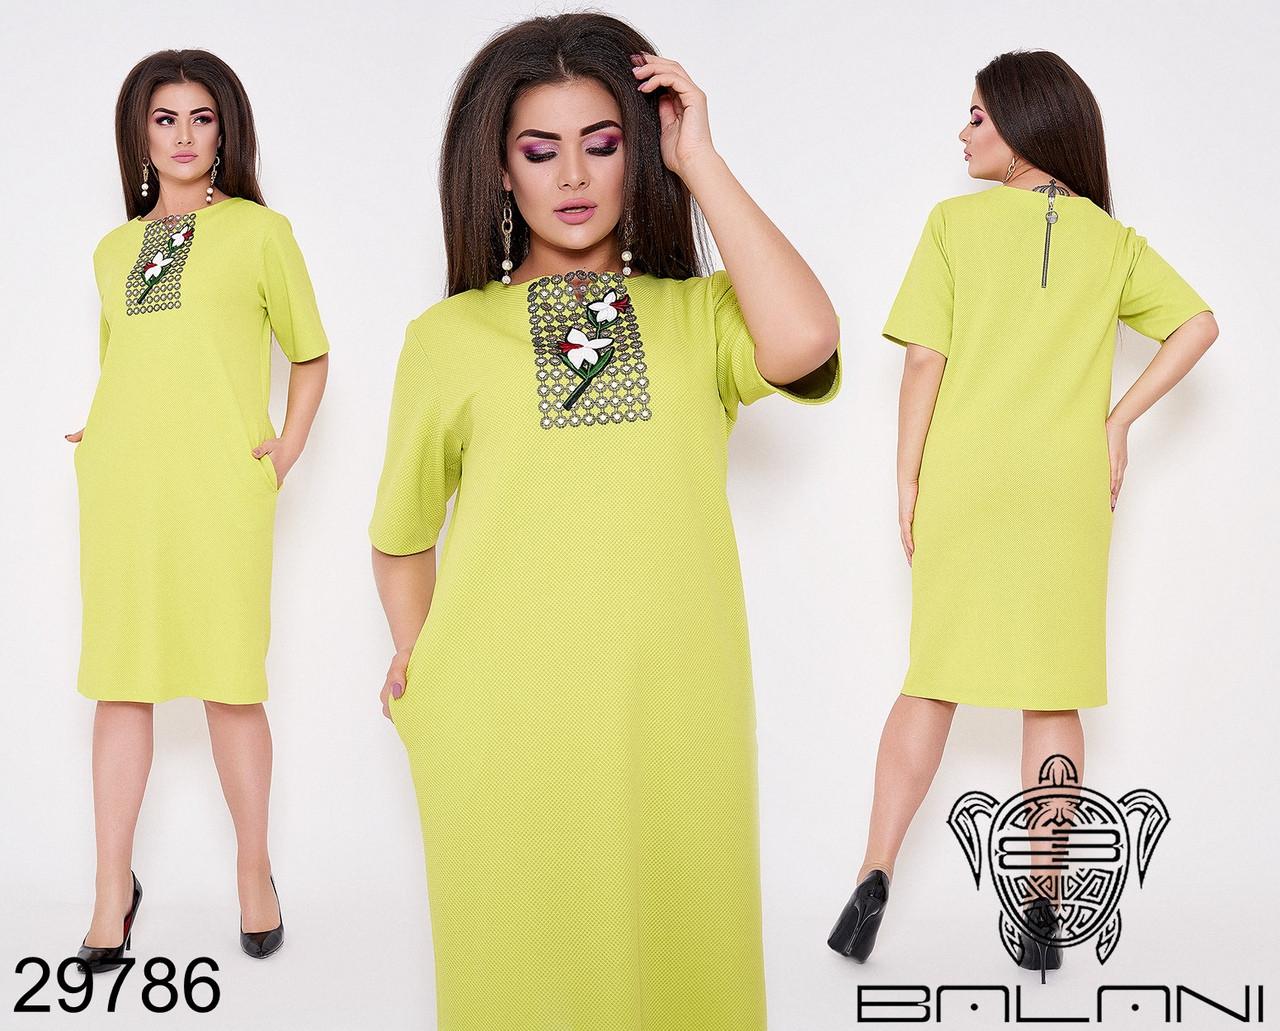 Стильное летнее платье большого размера цвет лимон Размеры: 48,50,52,54,56,58,60,62